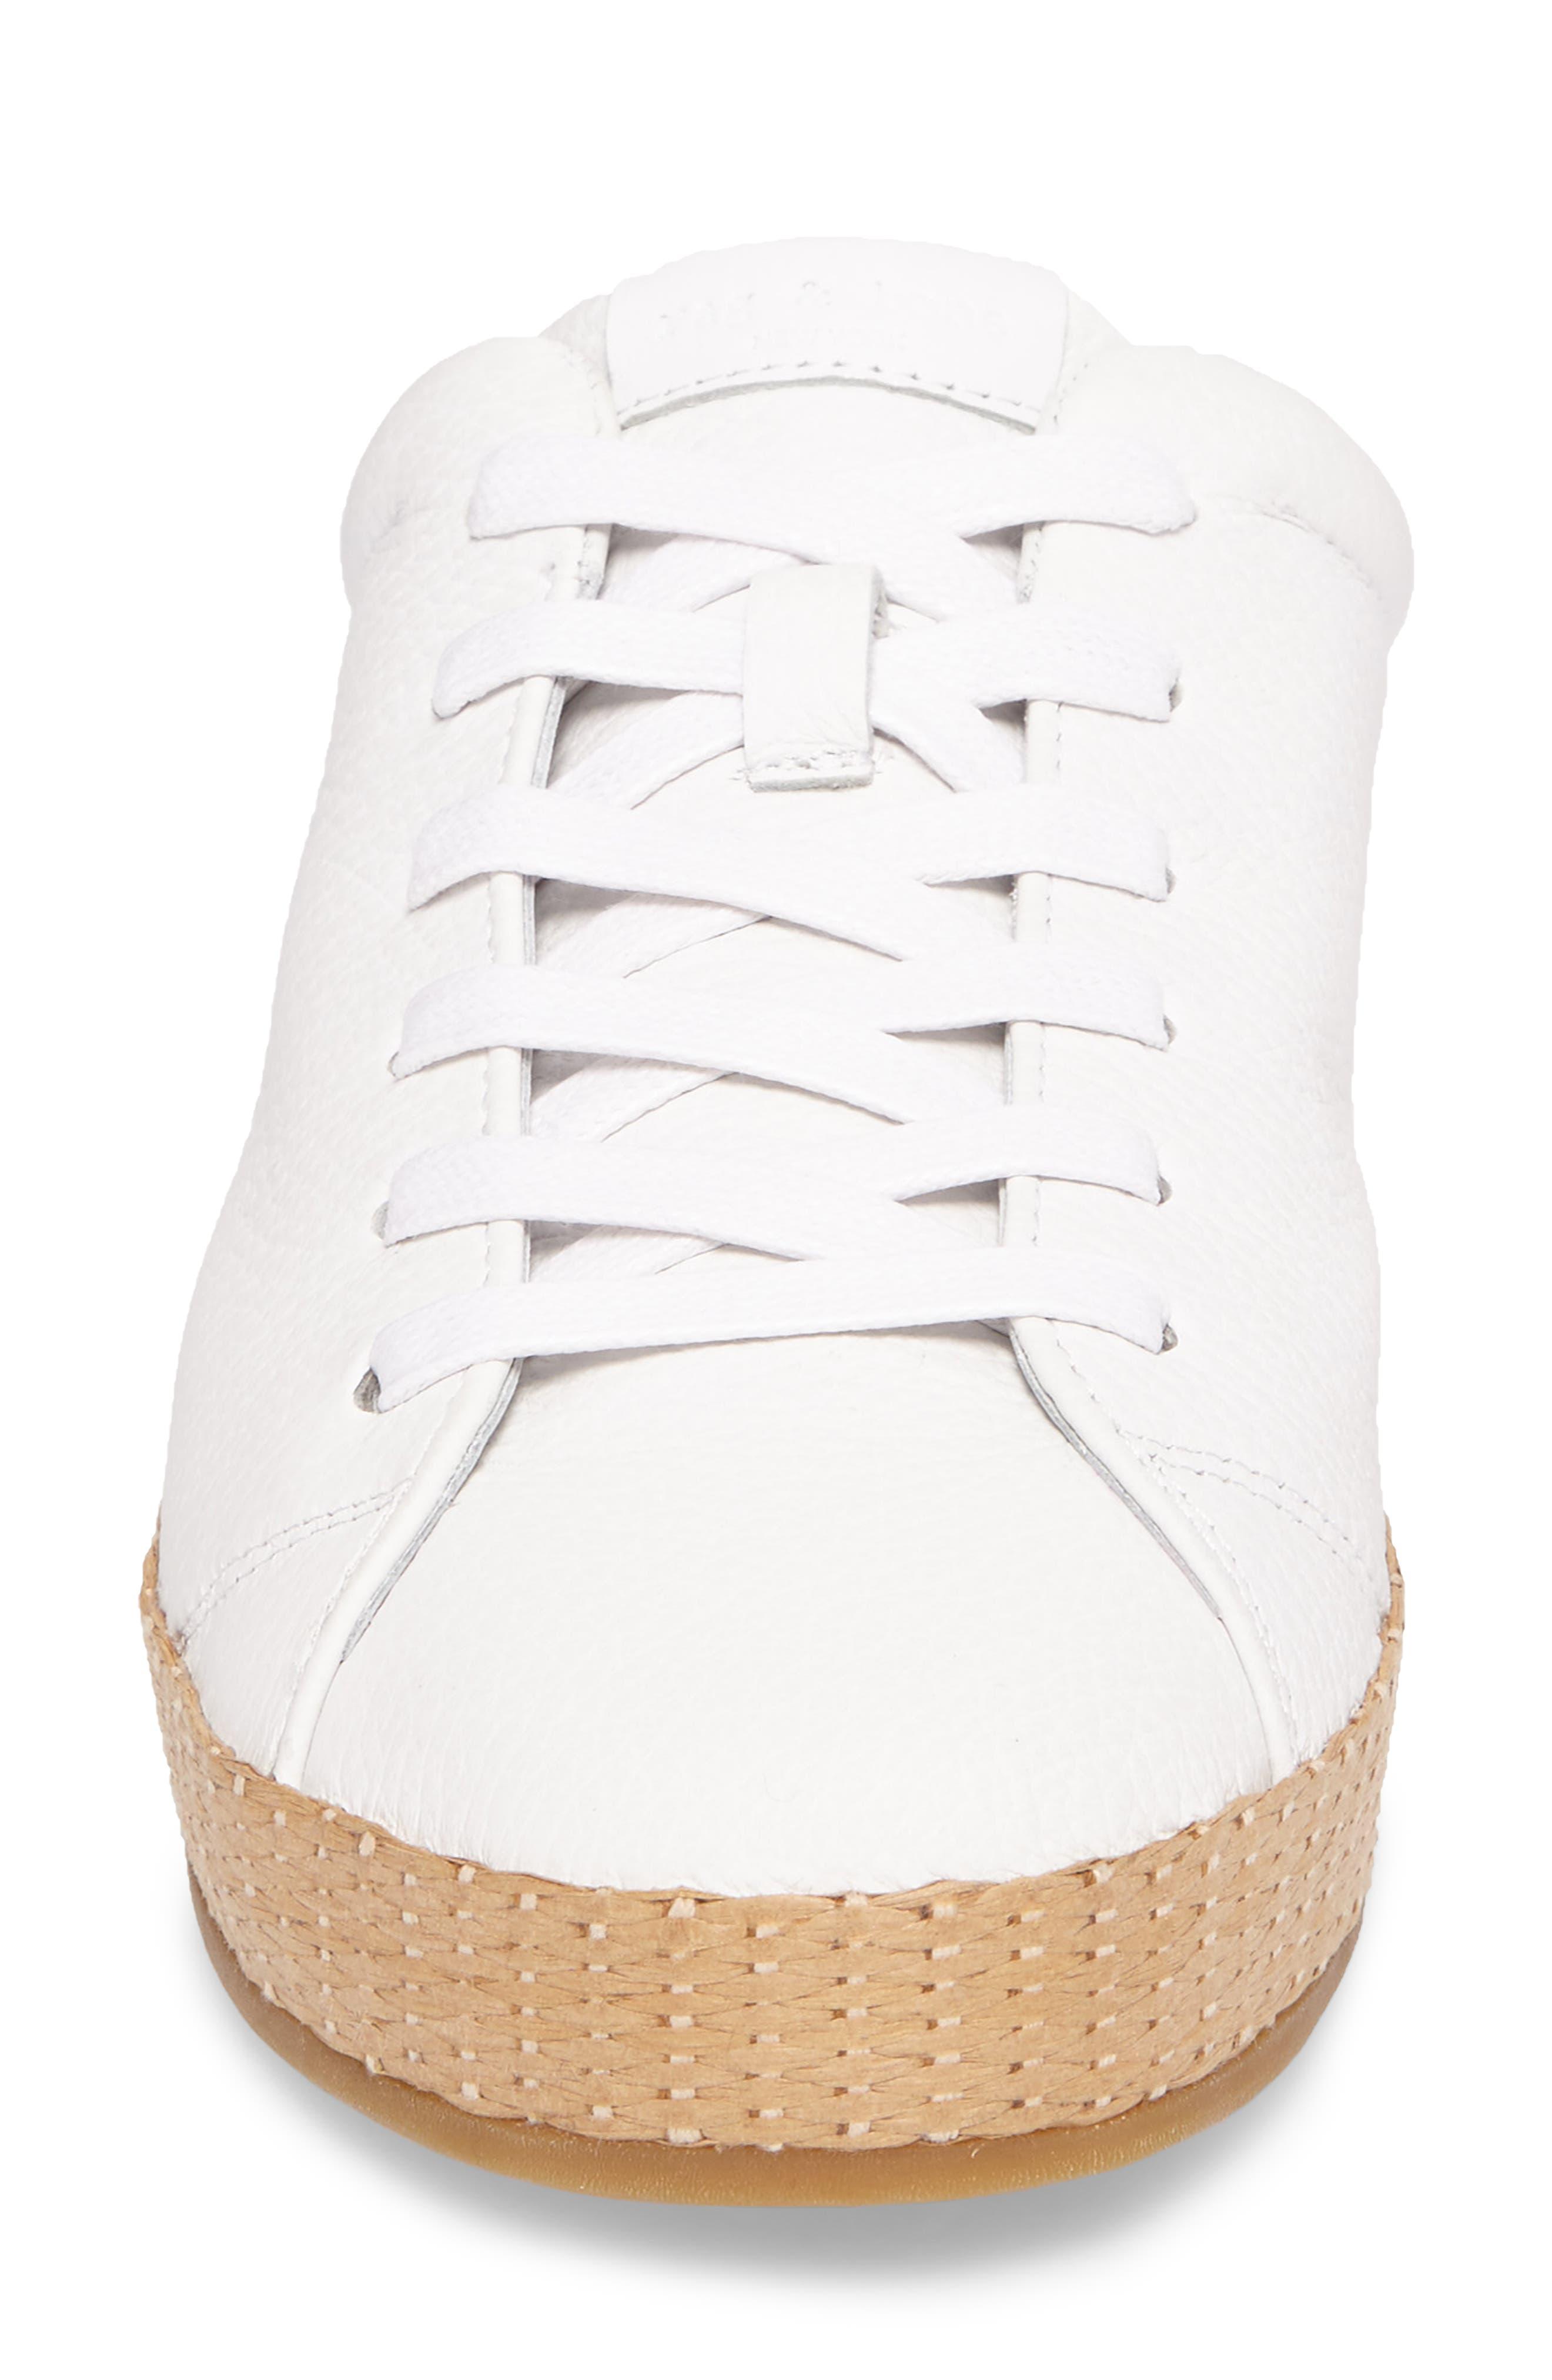 RB1 Slip-On Sneaker,                             Alternate thumbnail 4, color,                             White